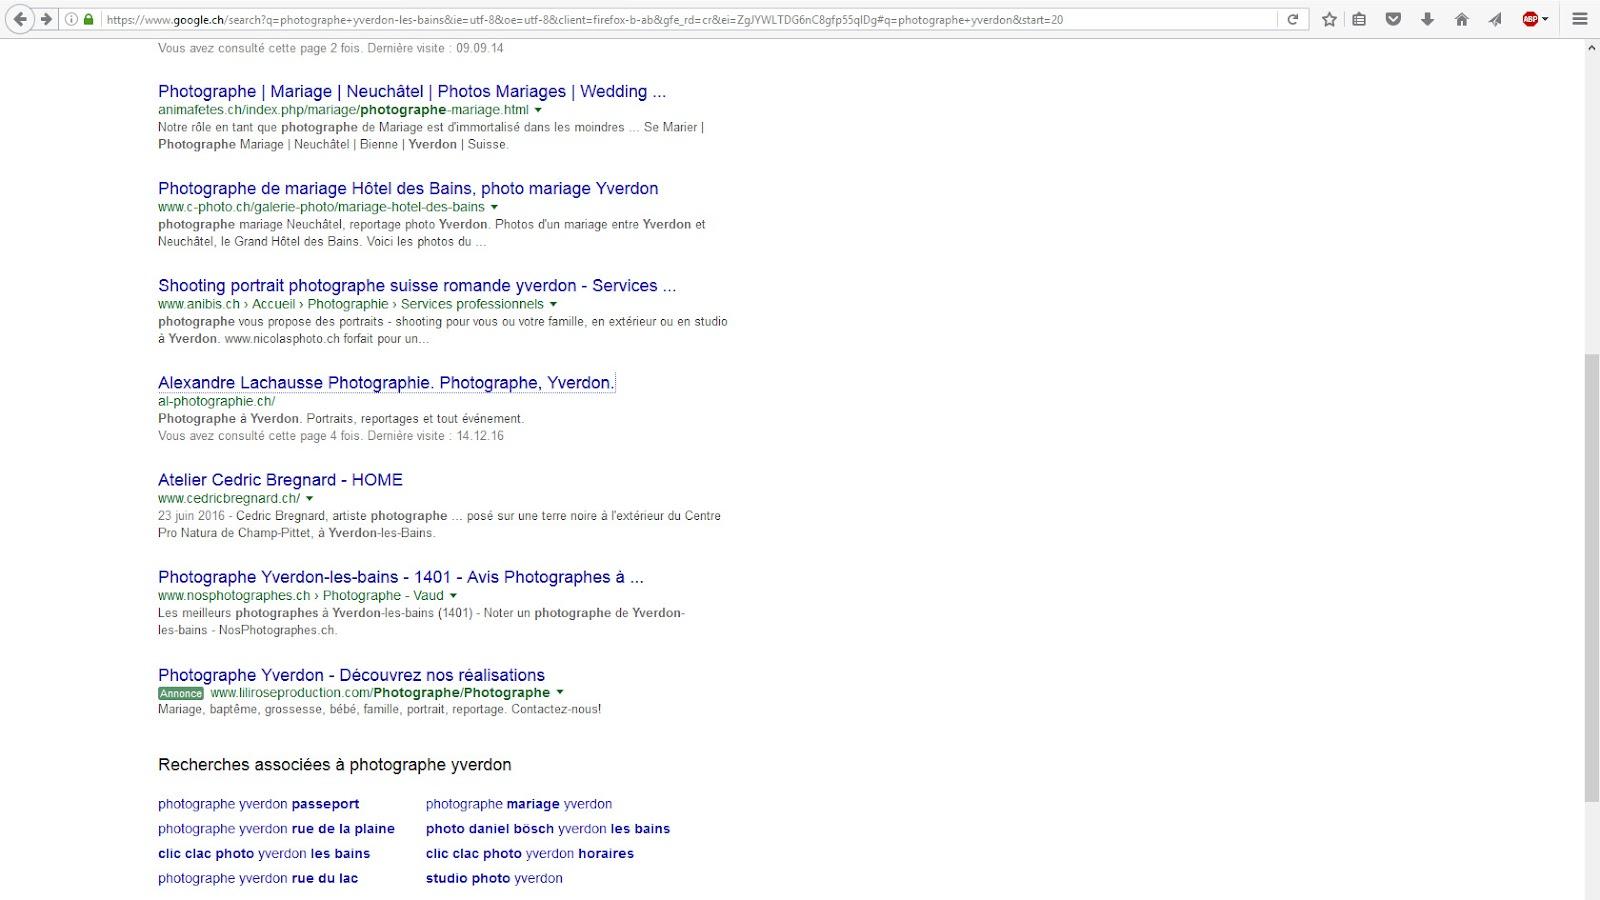 Meilleur Site Pour Photographe impossibilité d'atteindre mon site après recherche. - search